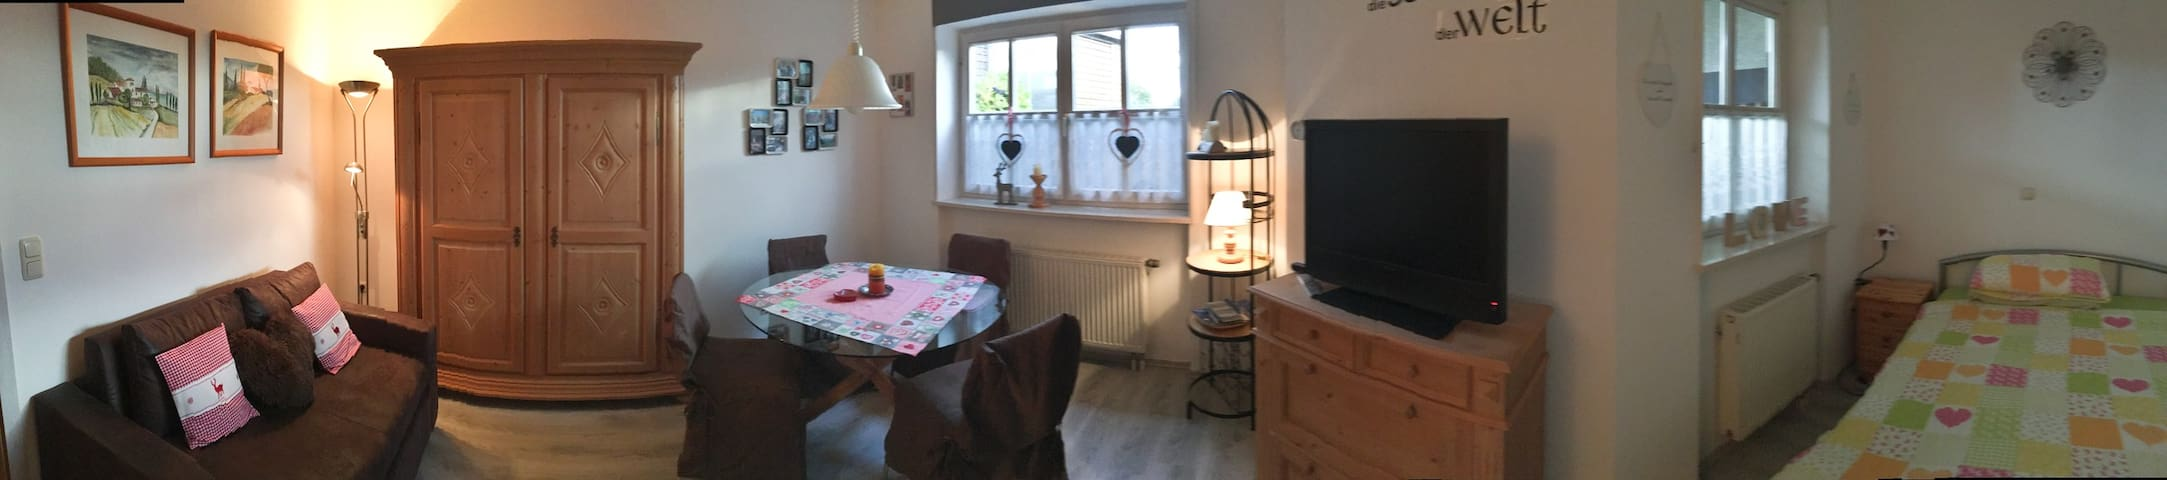 Nettes Apartment im Bayerischen Wald, St. Englmar - Sankt Englmar - Apartamento